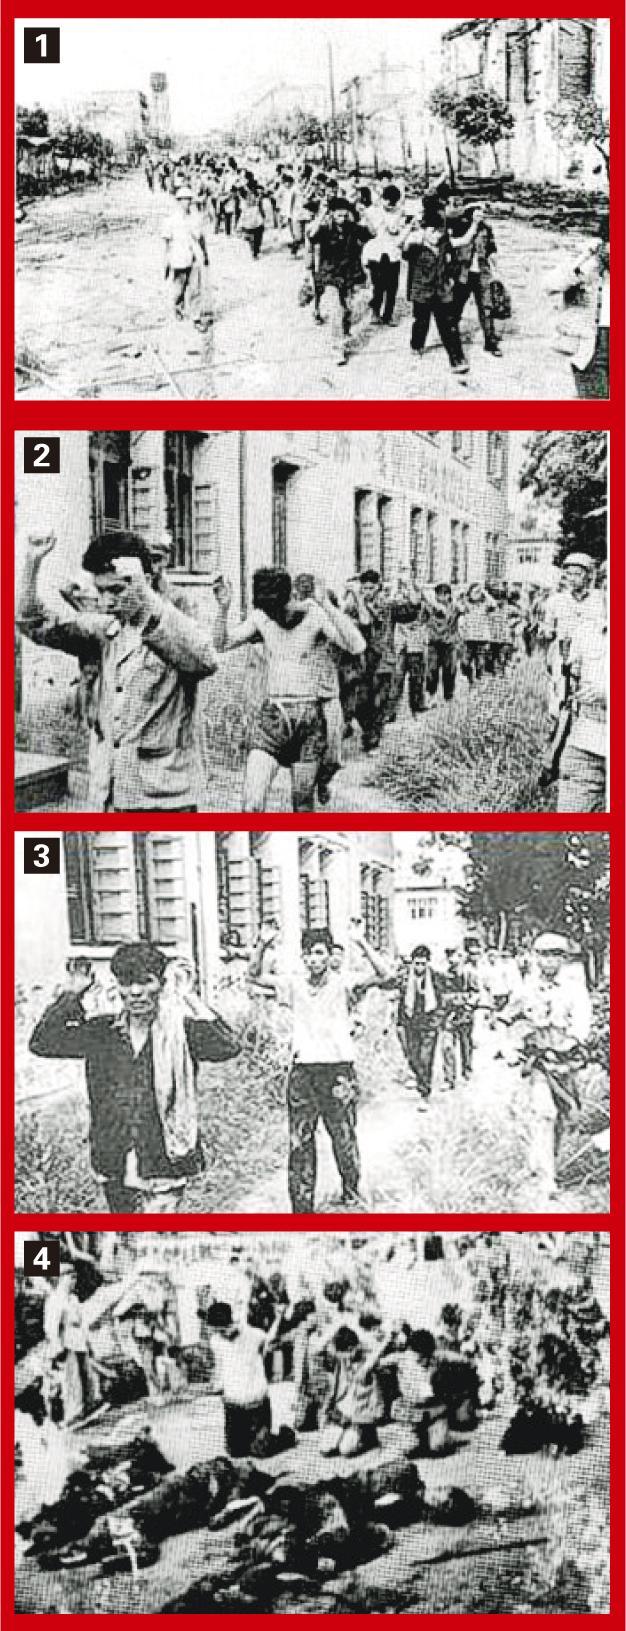 1968年8月,廣西軍區的軍人伙同「聯指」,包圍四二二「造反派」在南寧的據點,打死打傷約1340人。圖1至3:武鬥後,被俘的「造反派」人員被押走。圖4:四二二「造反派」的俘虜被當街處死。(黑白資料圖片)